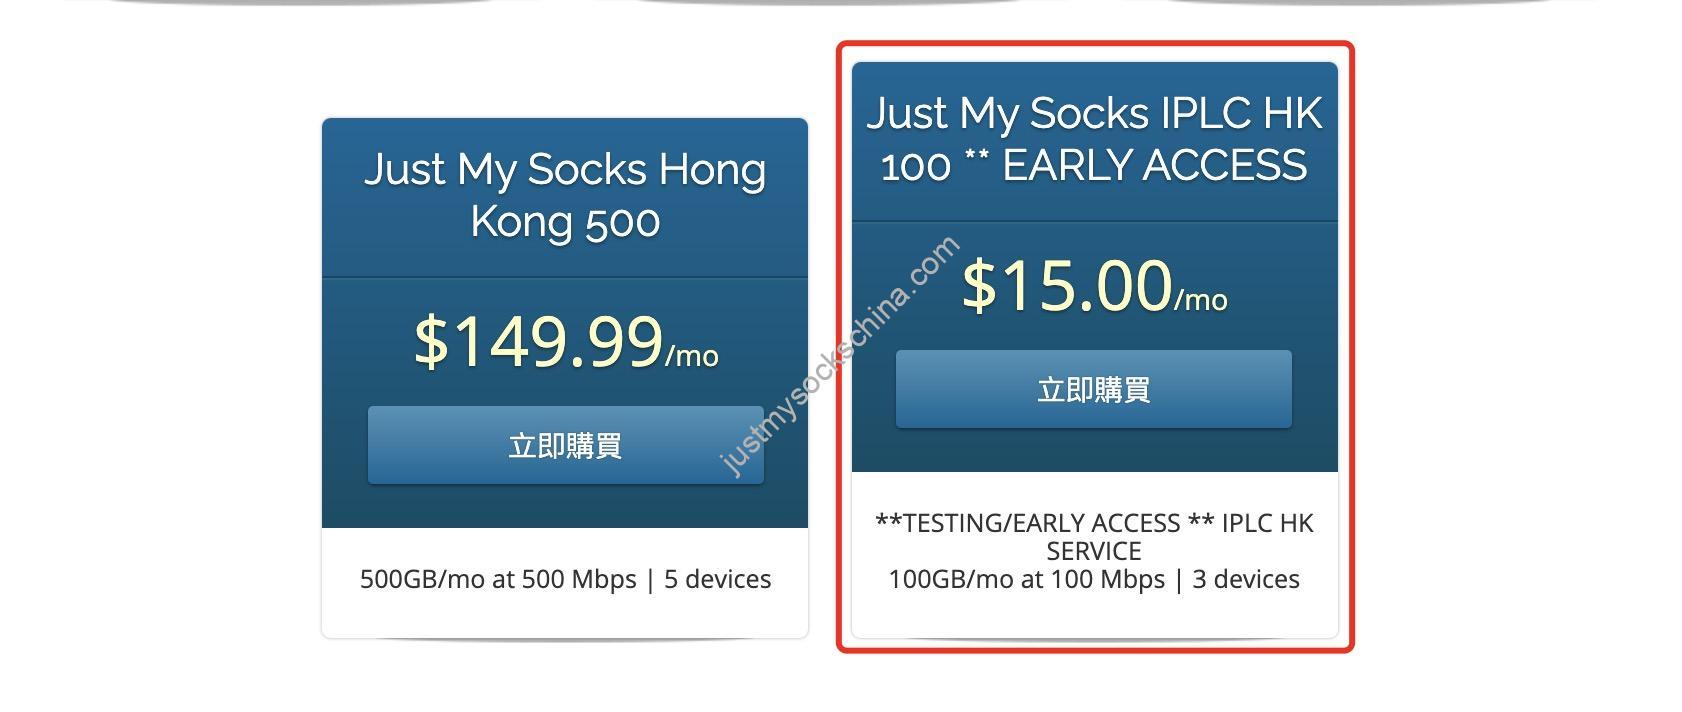 Just My Socks IPLC HK 100